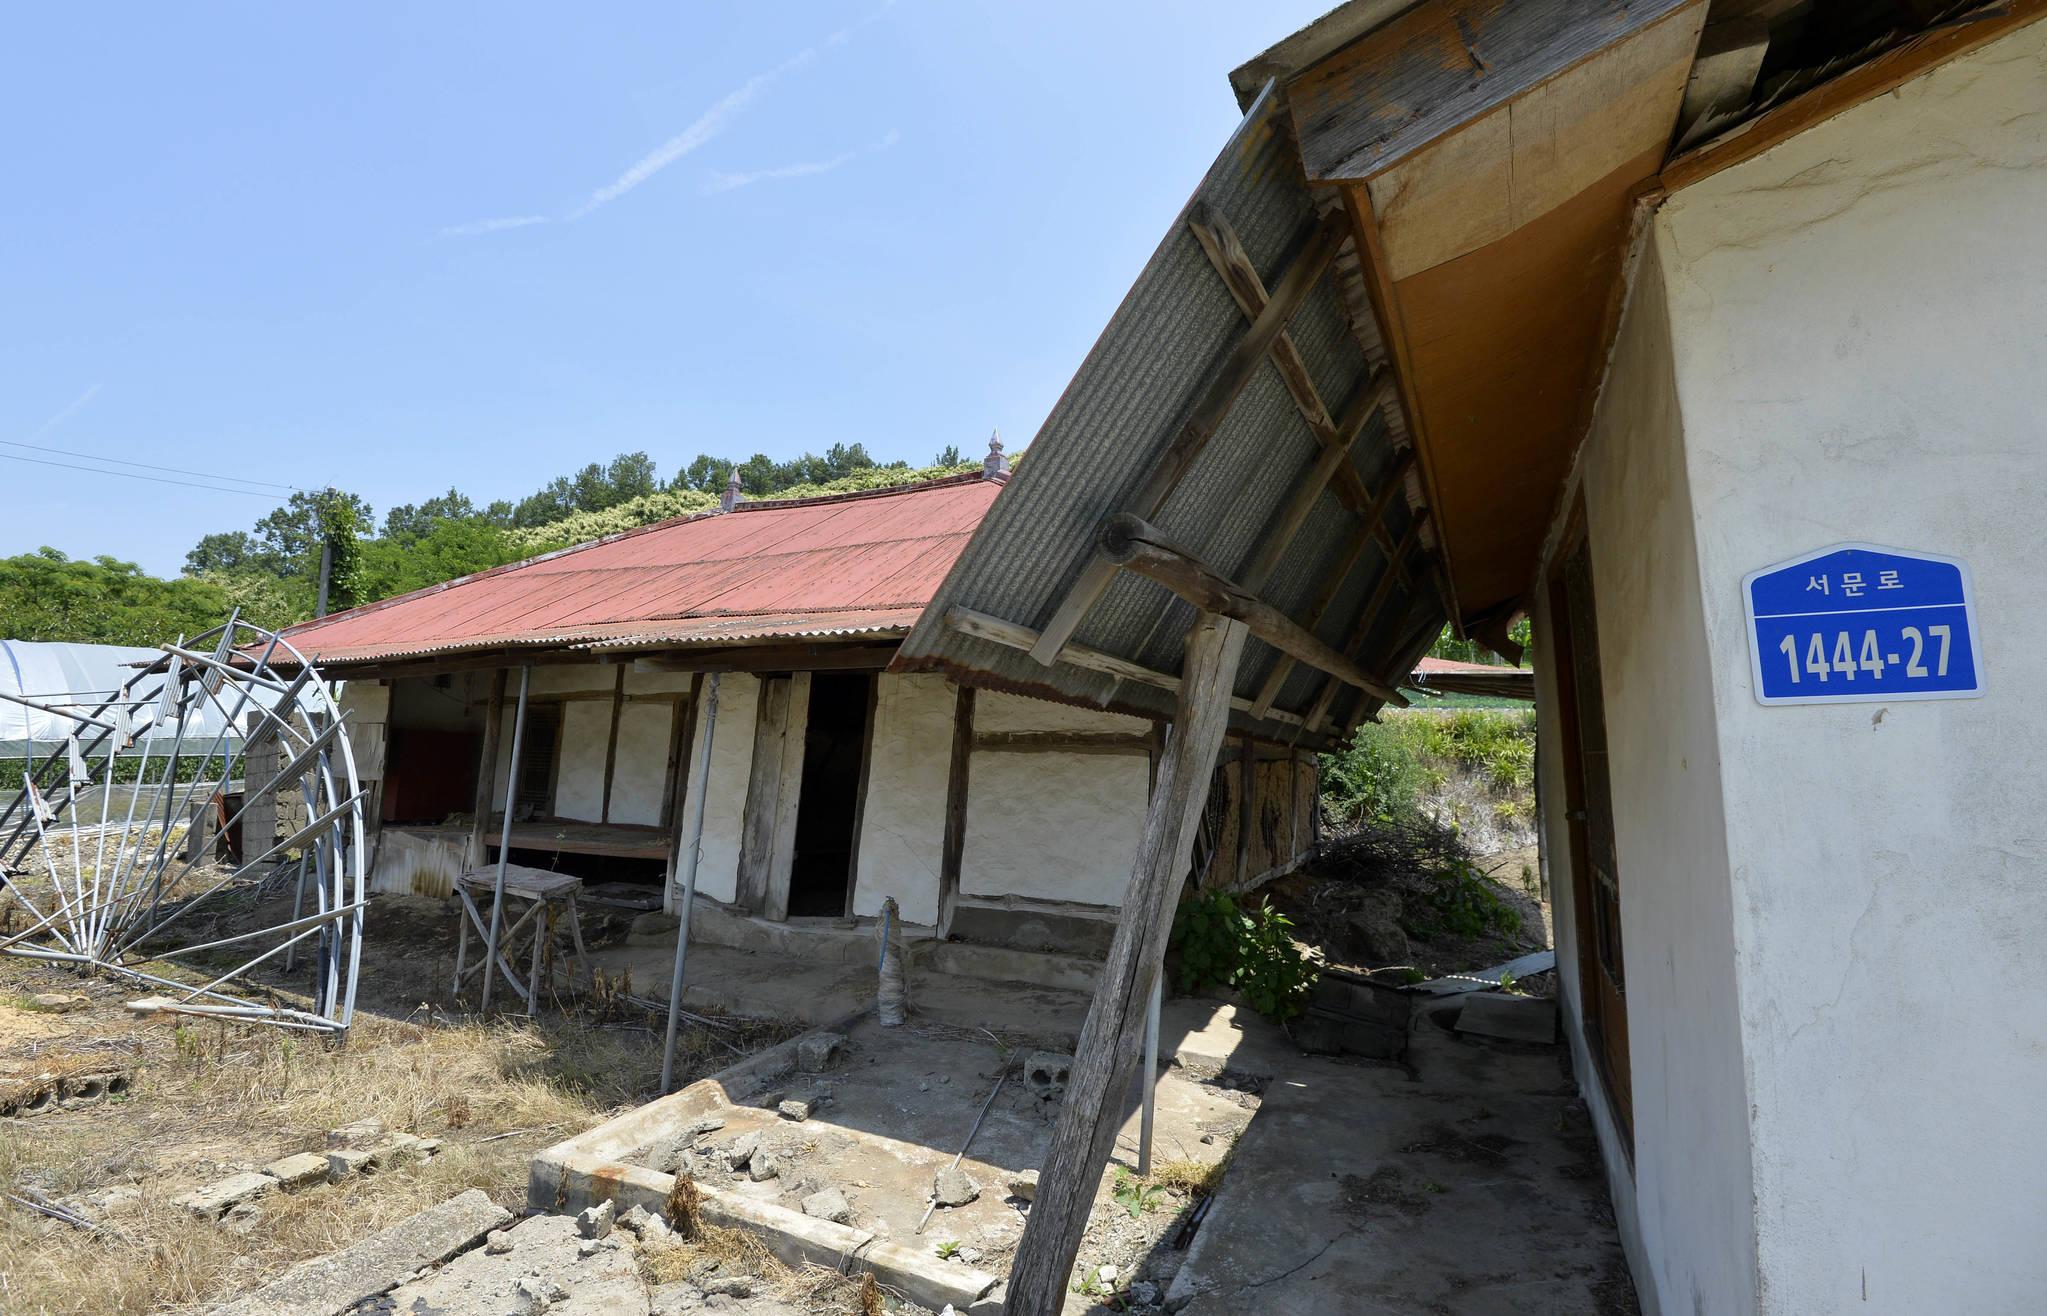 고령화가 심각한 농촌마을 중 한 곳인 충남 서천군 문산면 은곡리에 위치한 폐가 모습. 김성태 프리랜서